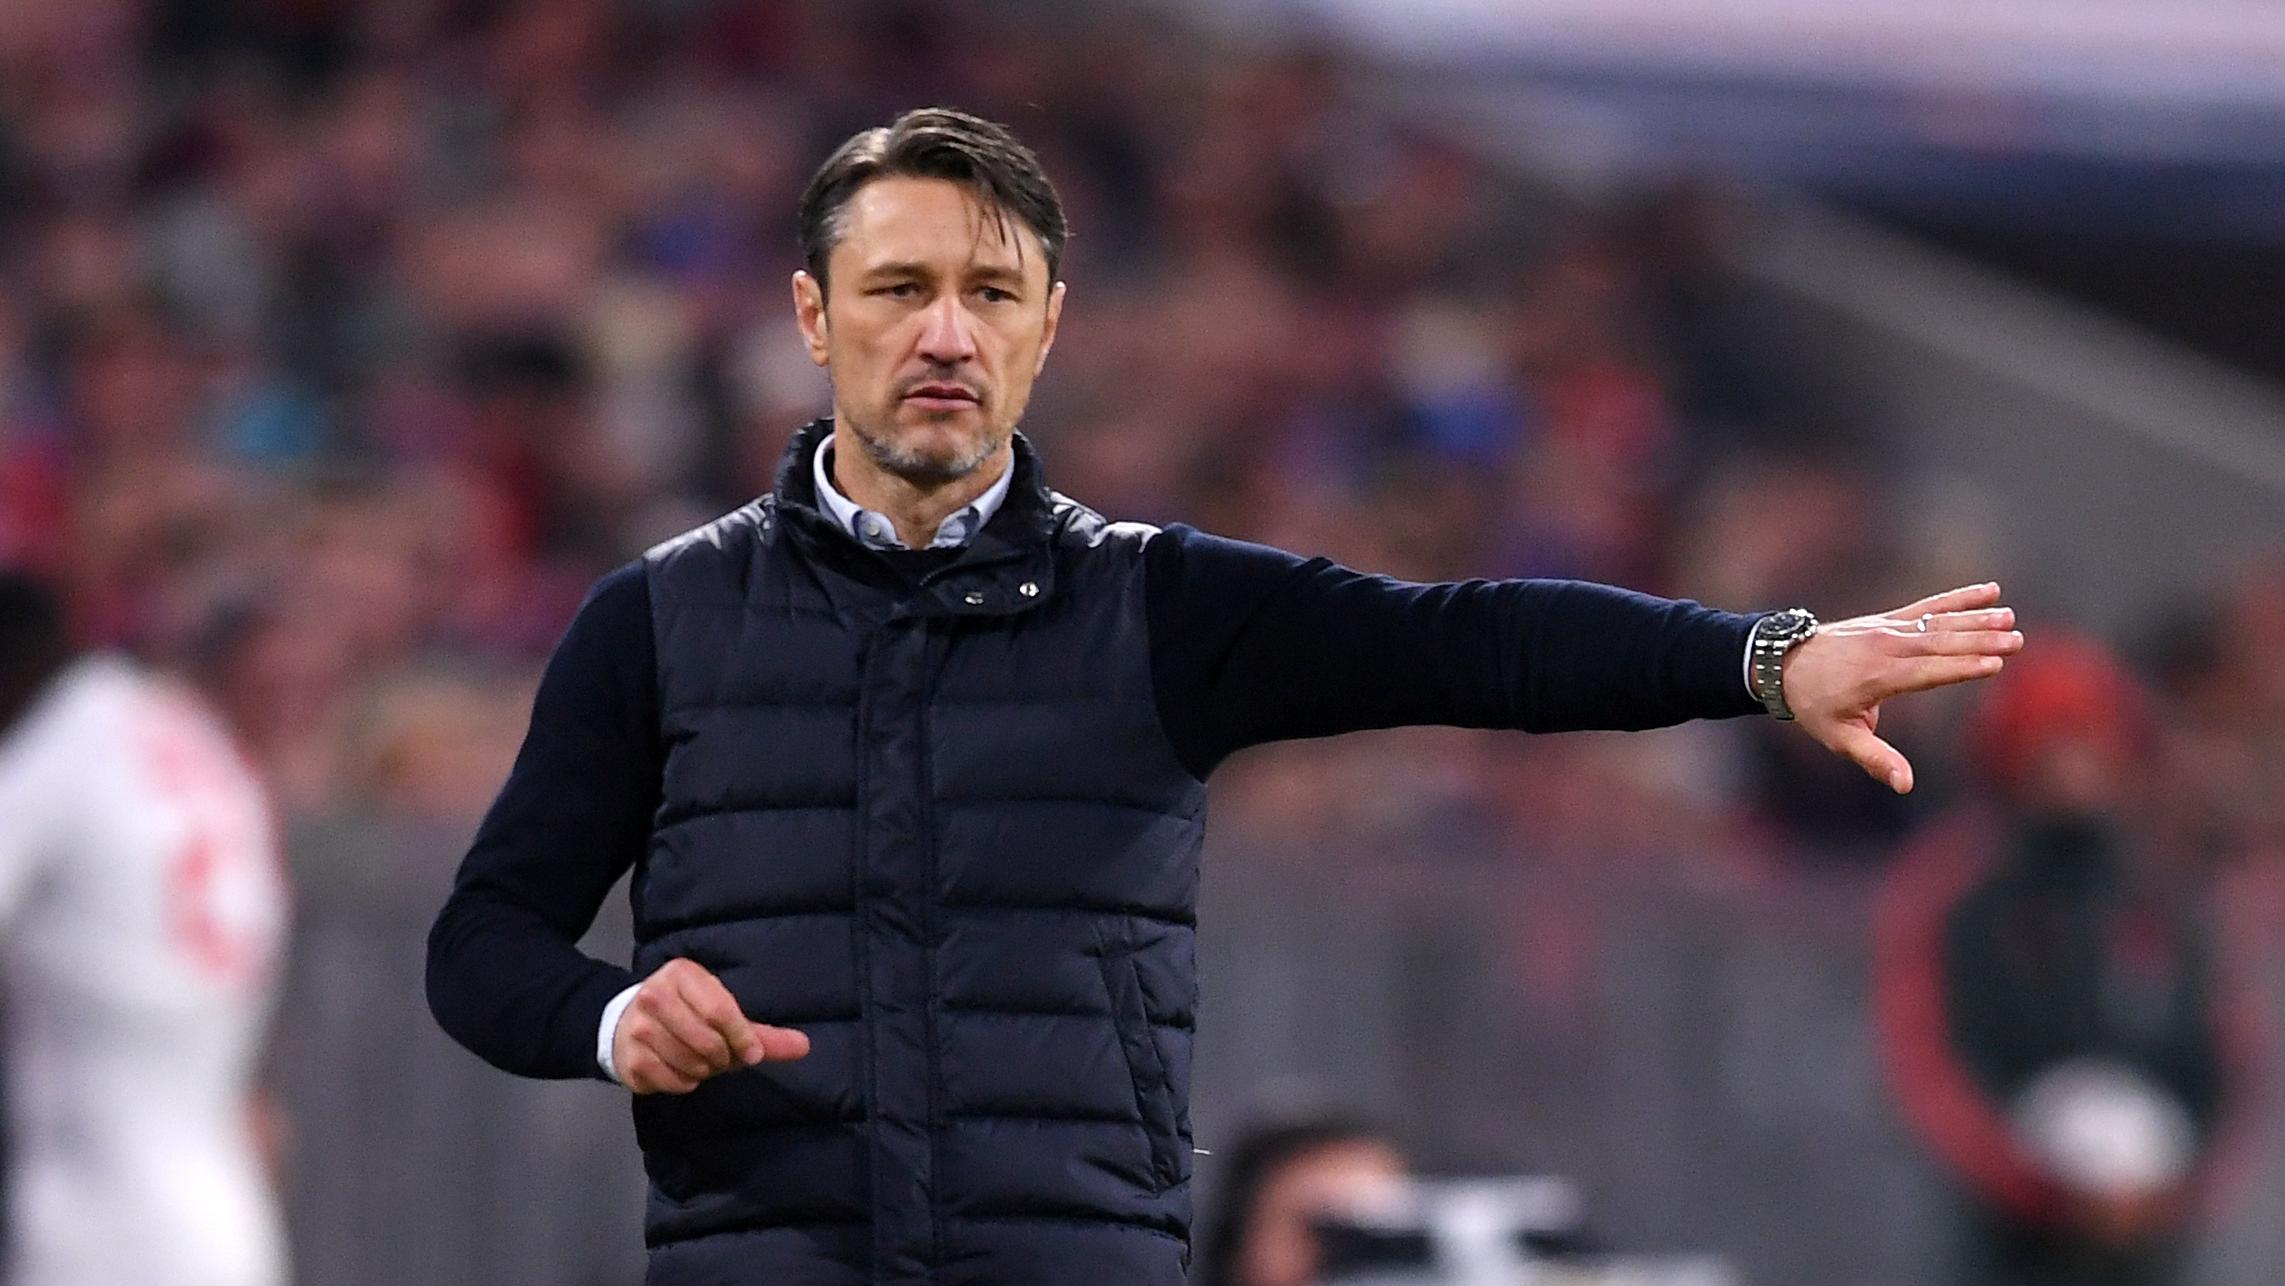 FC-Bayern-Trainer Niko Kovac gestikuliert.